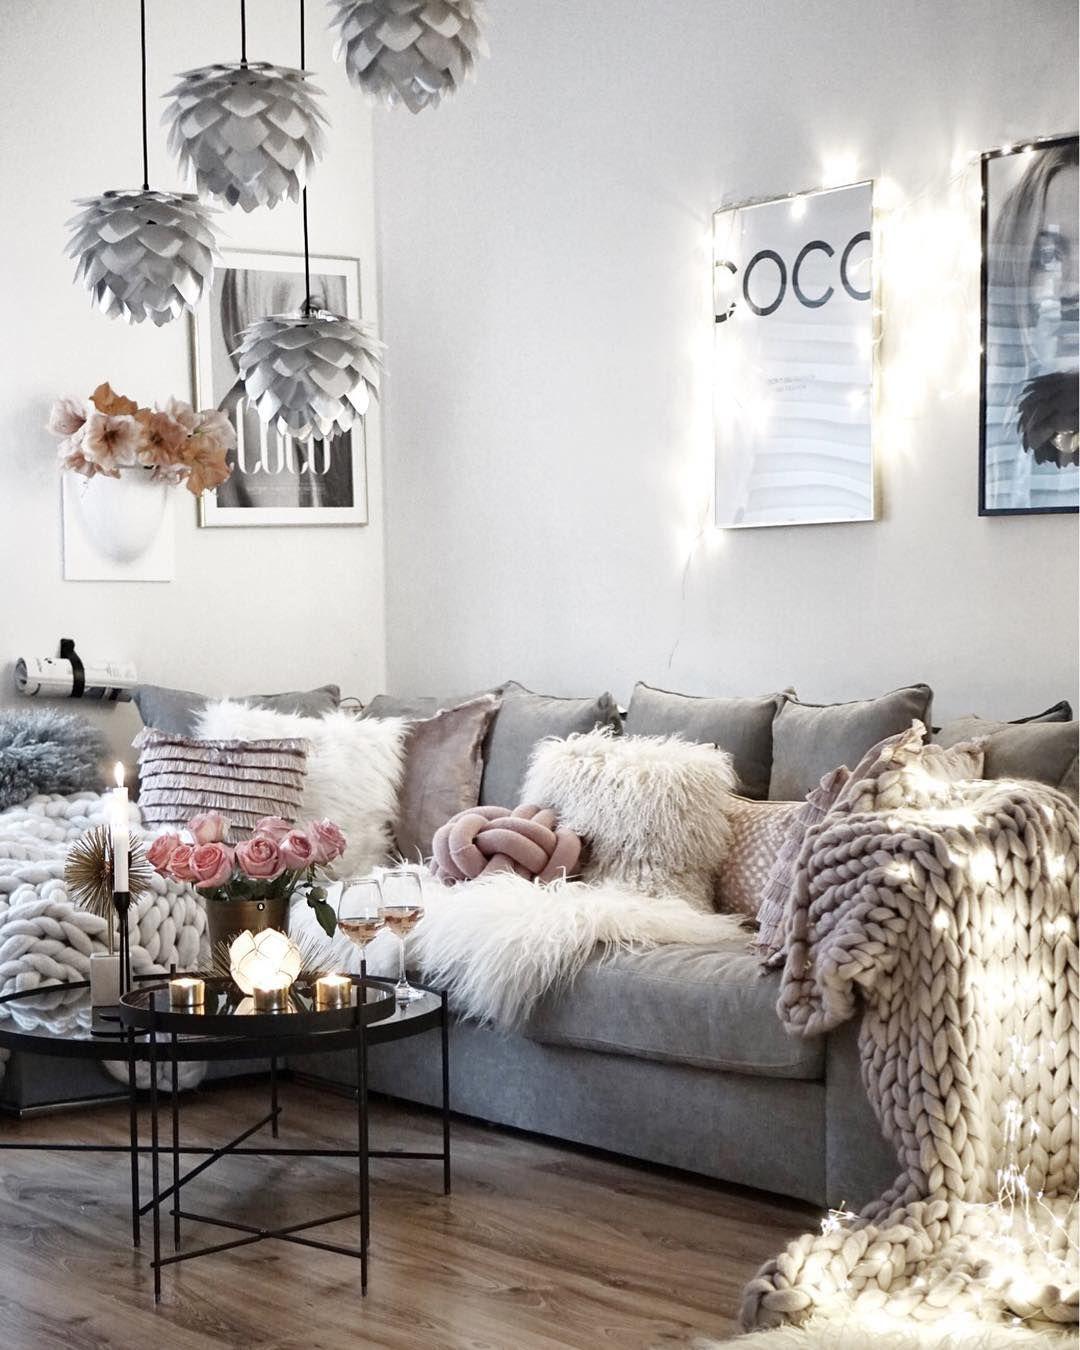 Instagram livingroom wohnzimmer wohnzimmer schlafzimmer und wohnzimmer ideen - Wohnzimmer romantisch einrichten ...